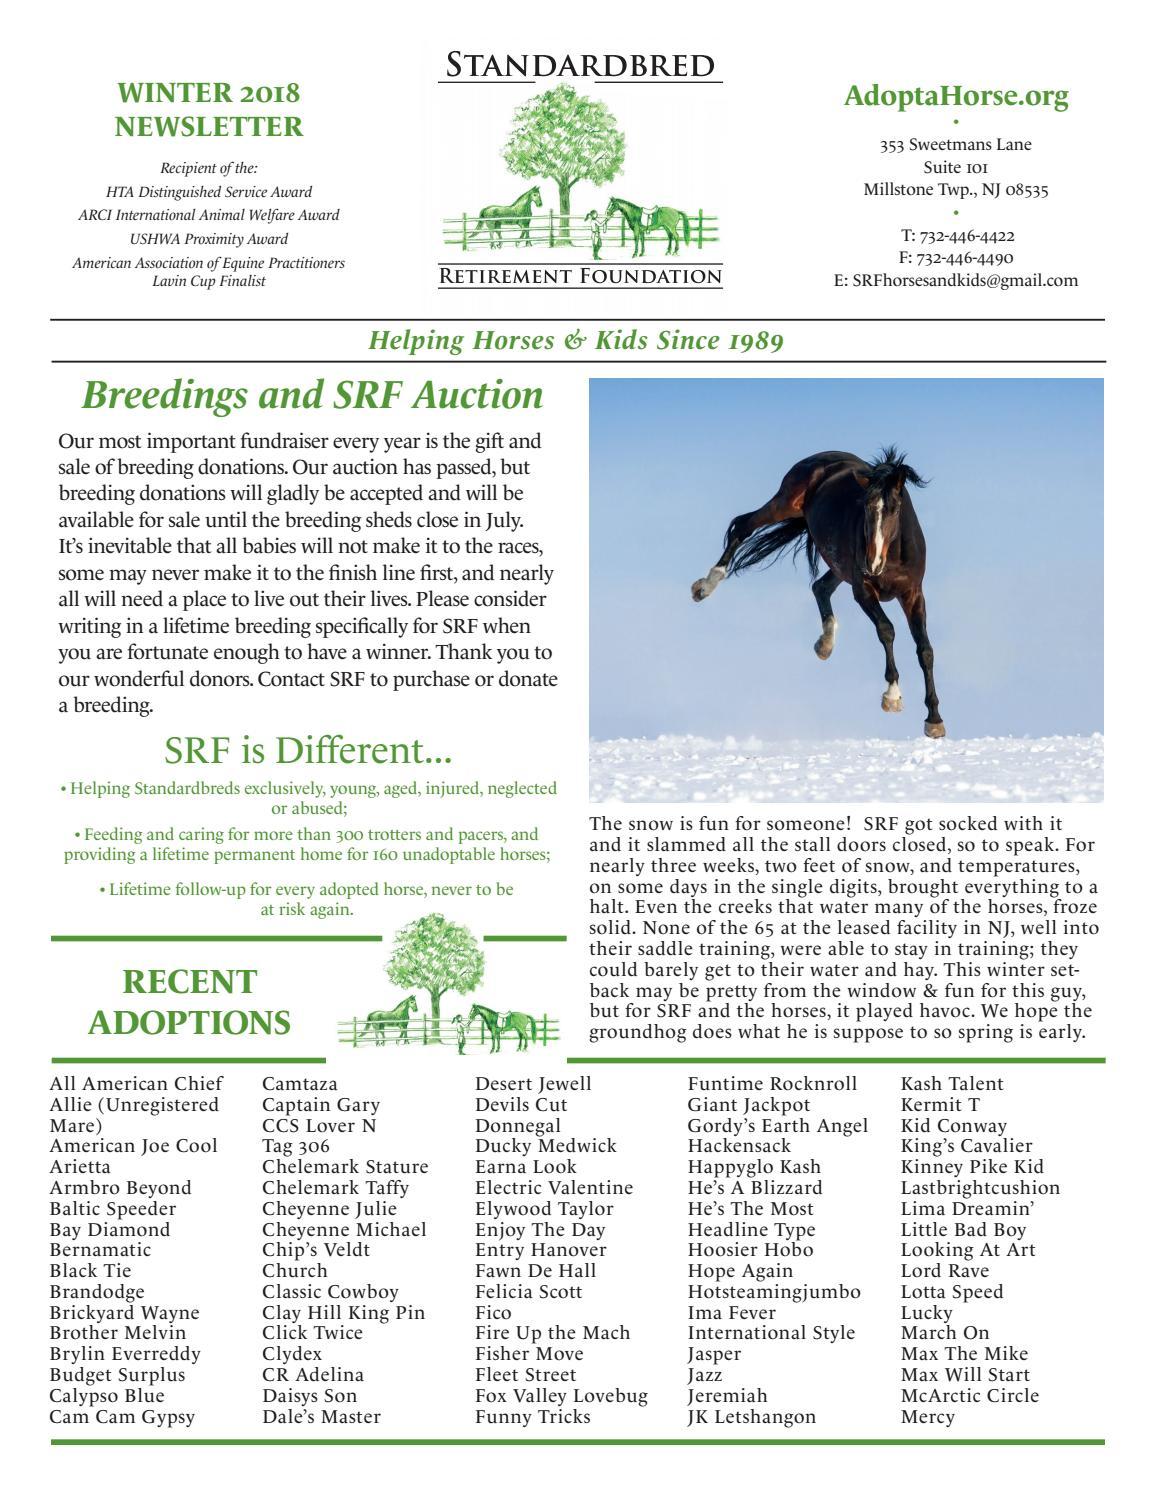 2018 Winter Newsletter - Standardbred Retirement Foundation